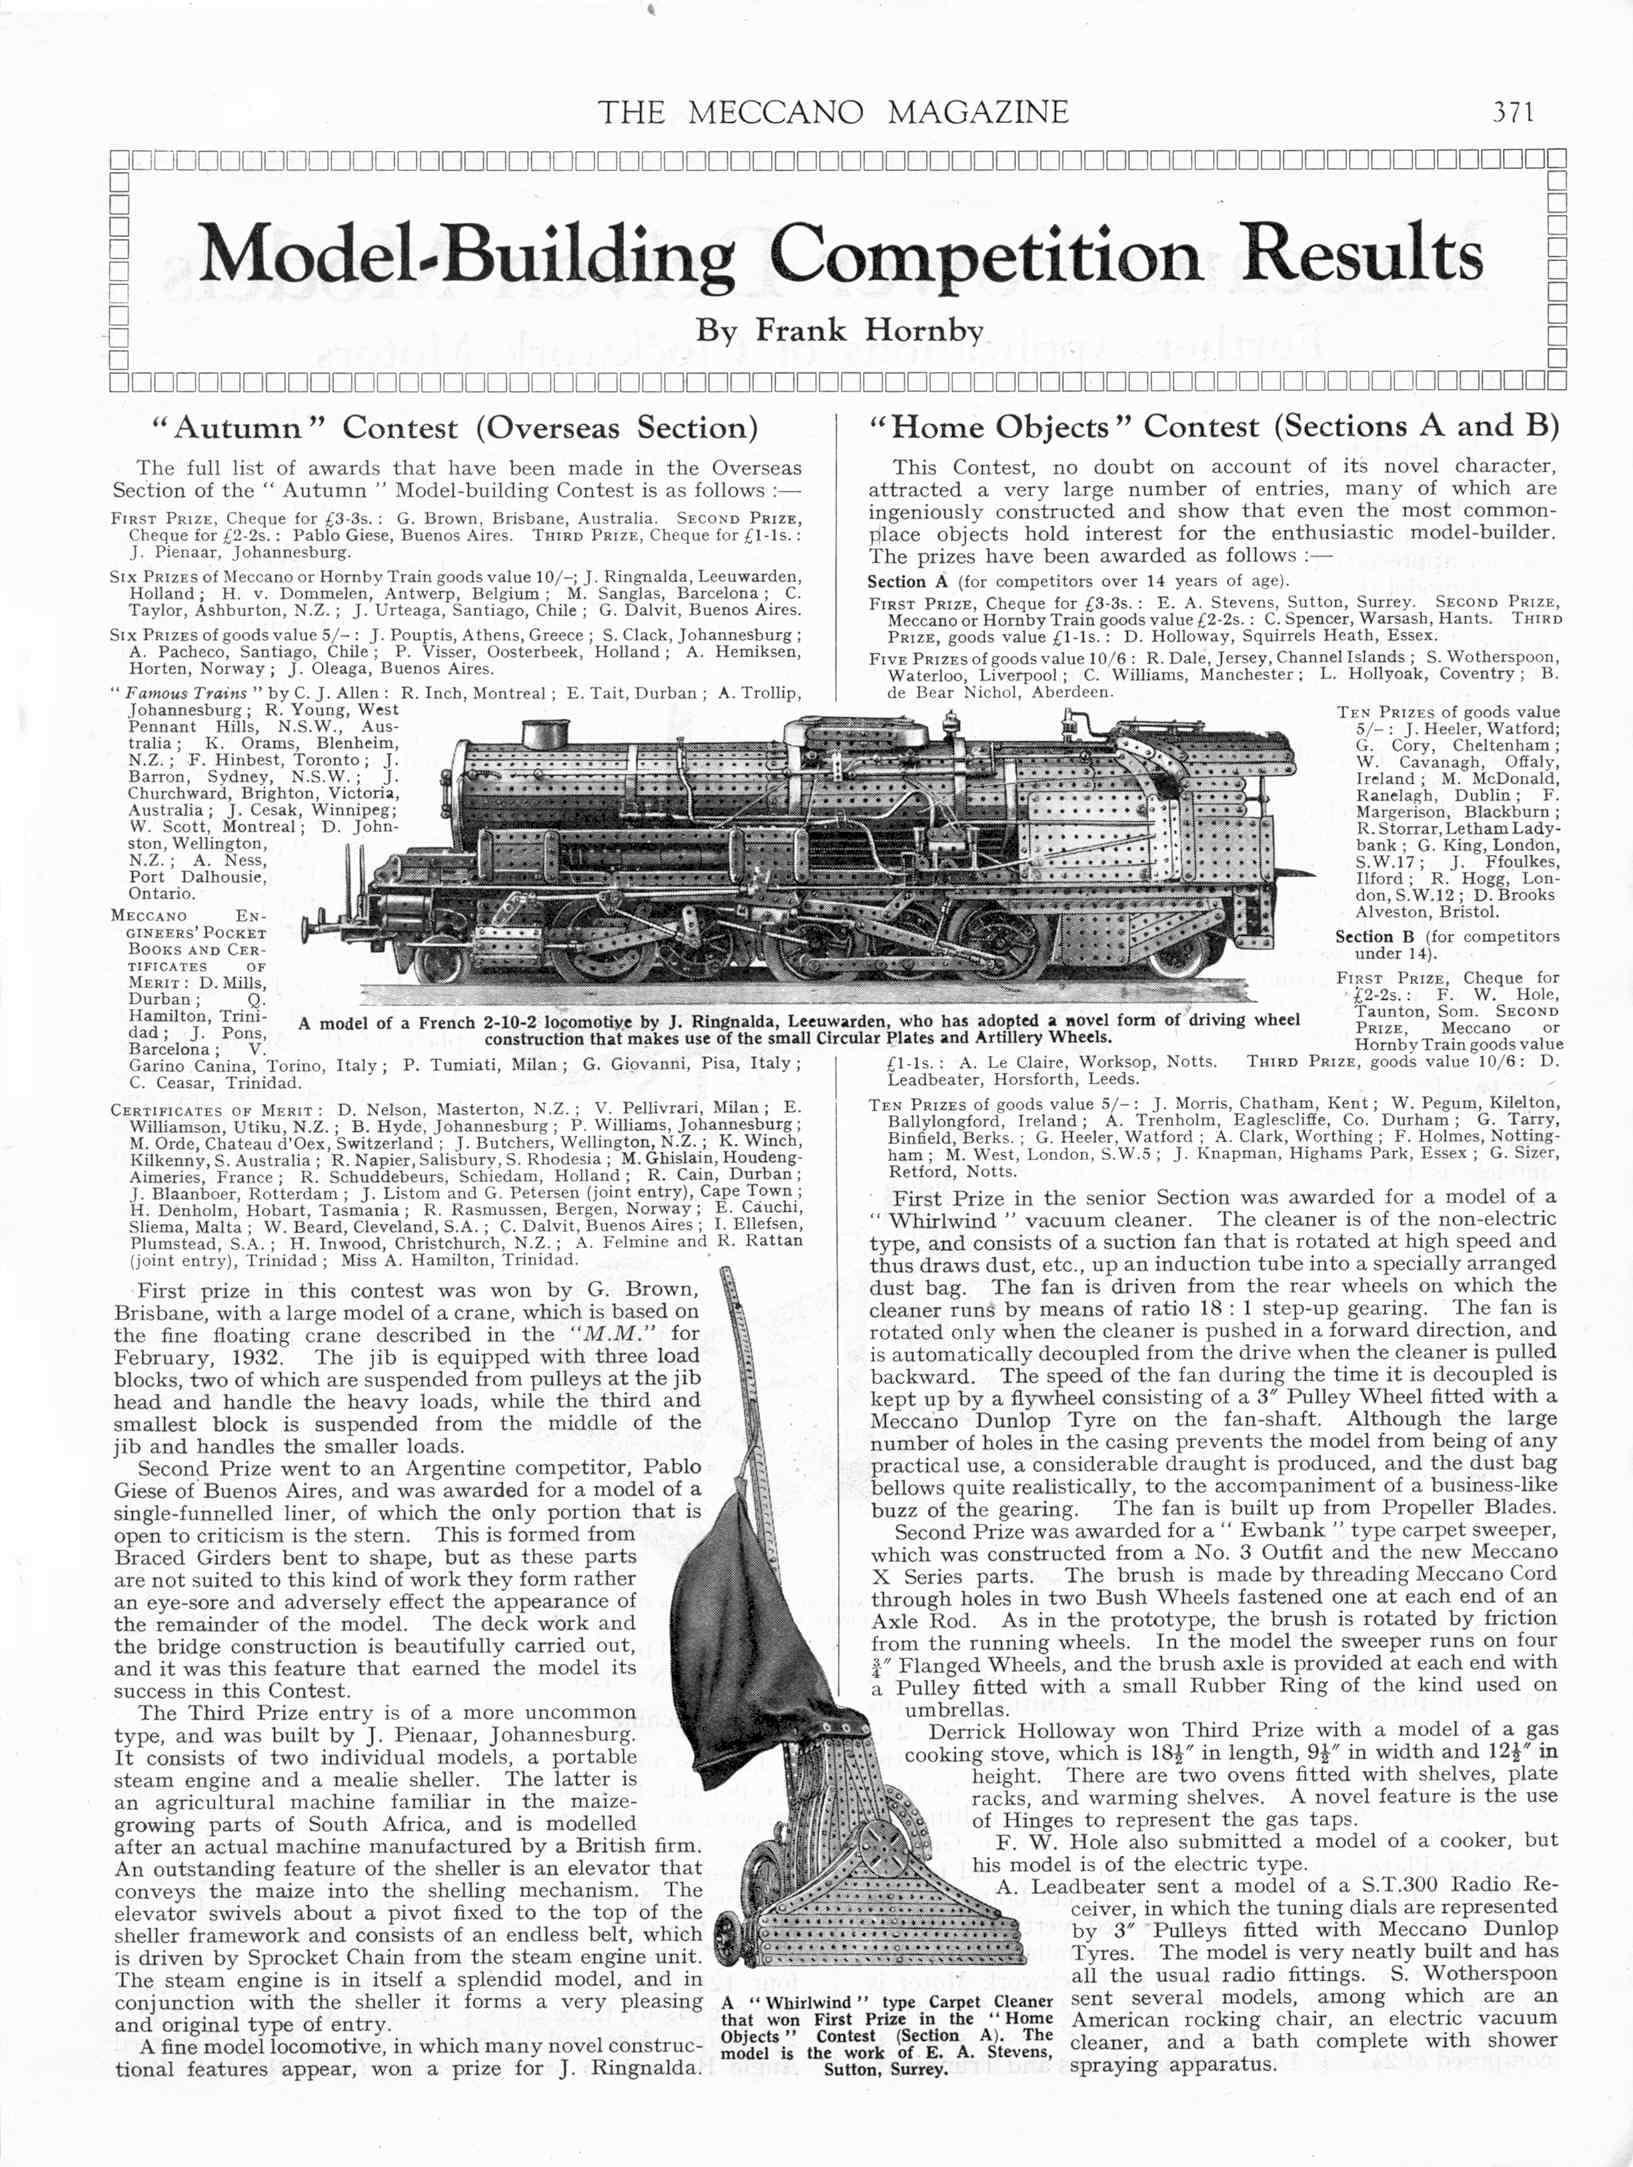 UK Meccano Magazine May 1933 Page 371